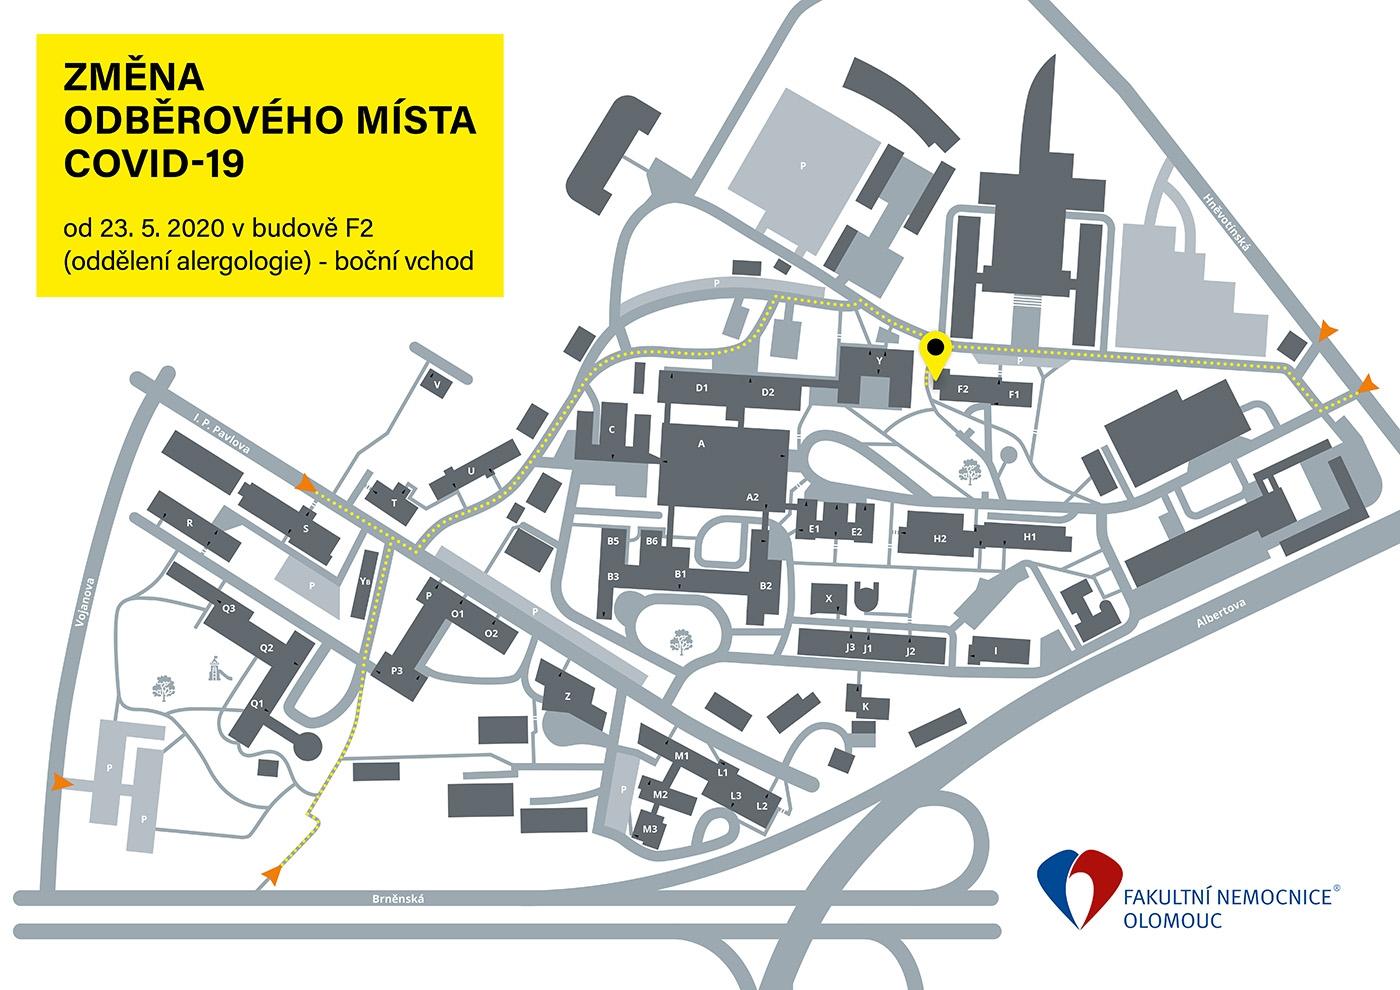 Odběrové místo ve FN Olomouc se přestěhovalo zdroj:FNOL